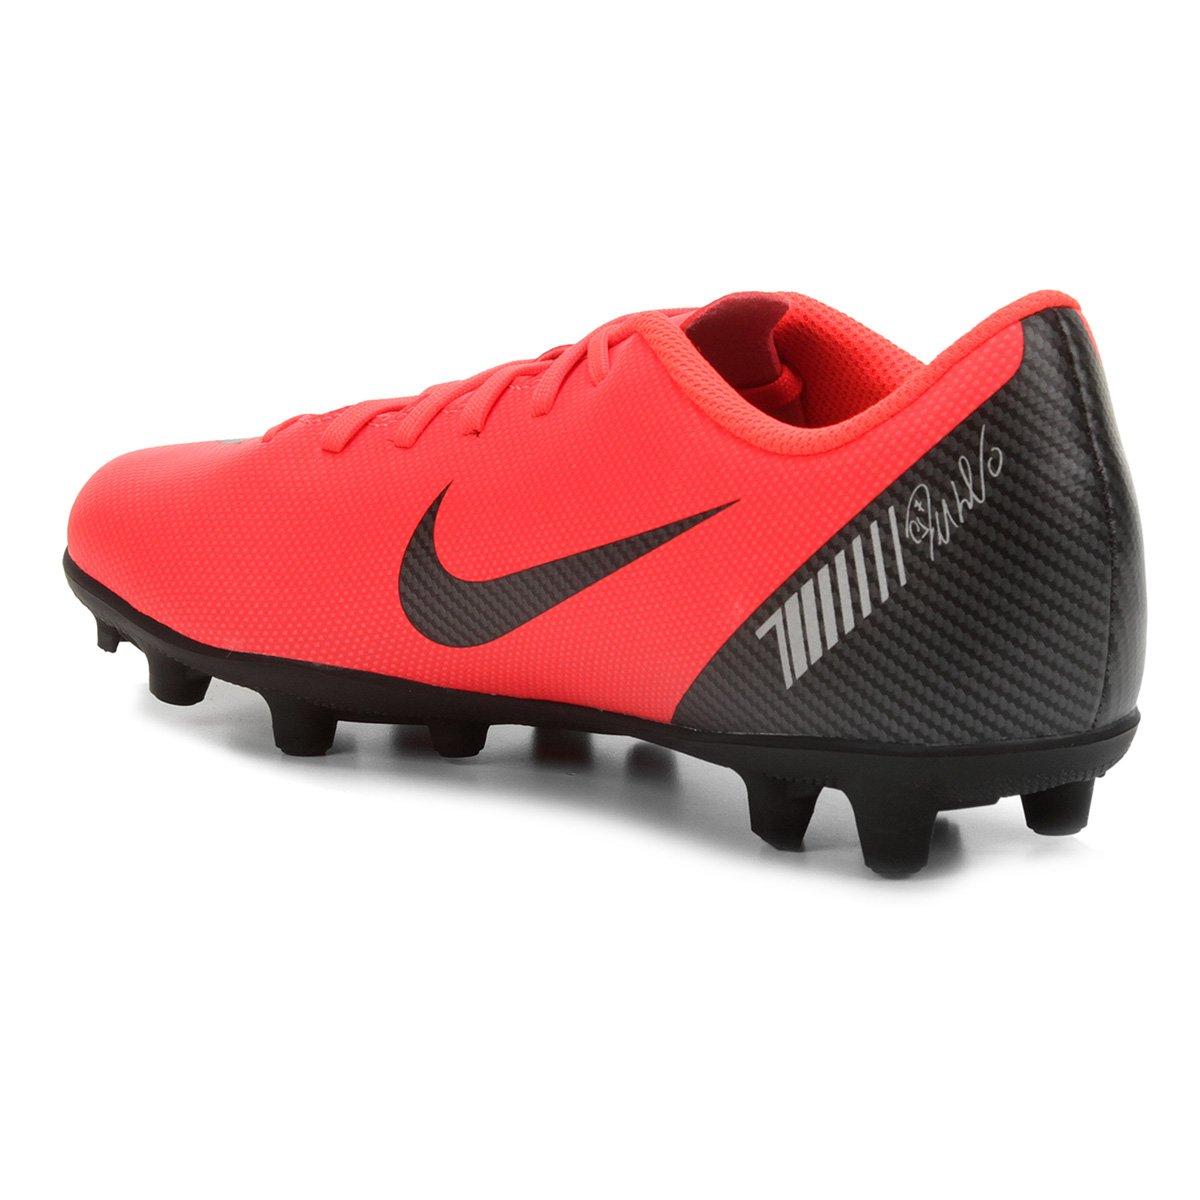 307ff874f9 Chuteira Campo Nike Mercurial Vapor 12 Club CR7 FG - Vermelho e ...